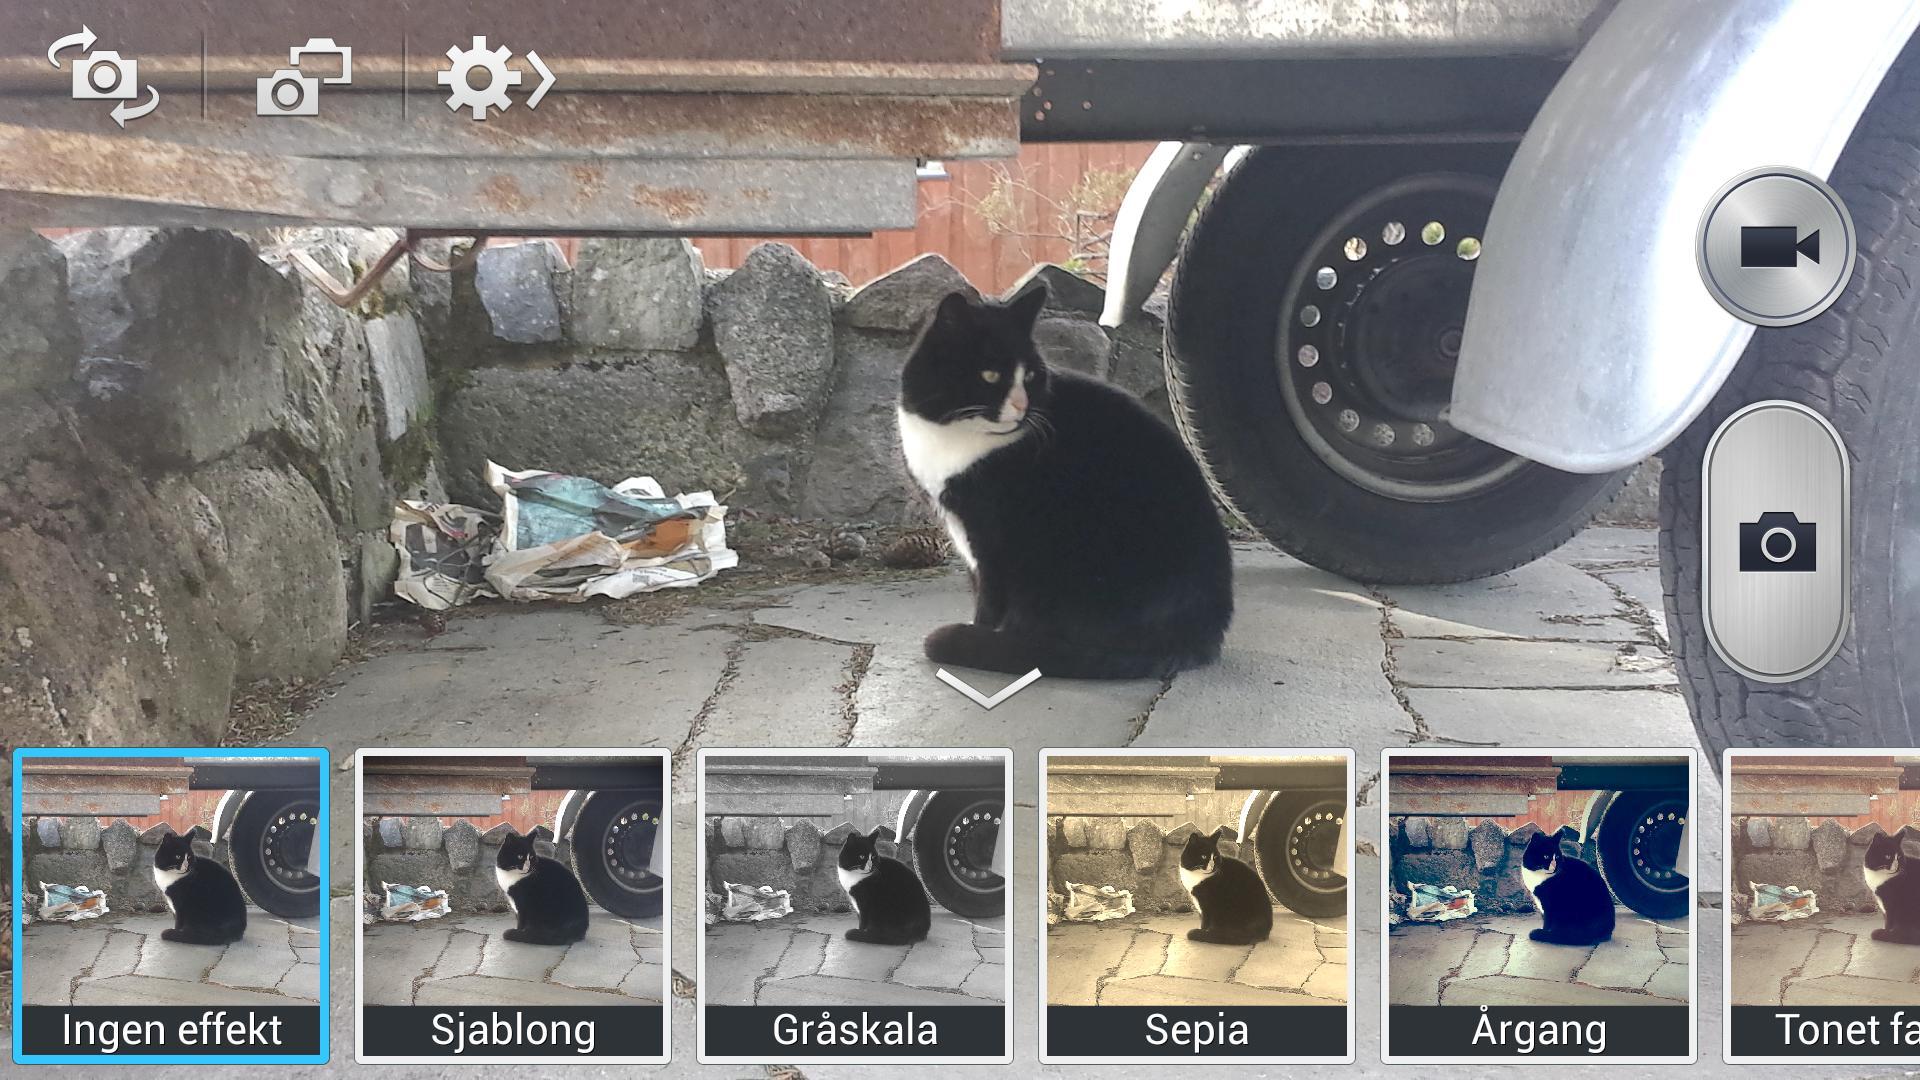 Det fins haugevis av filtre og funksjoner å velge i inni kameraappen.Foto: Finn Jarle Kvalheim, Amobil.no